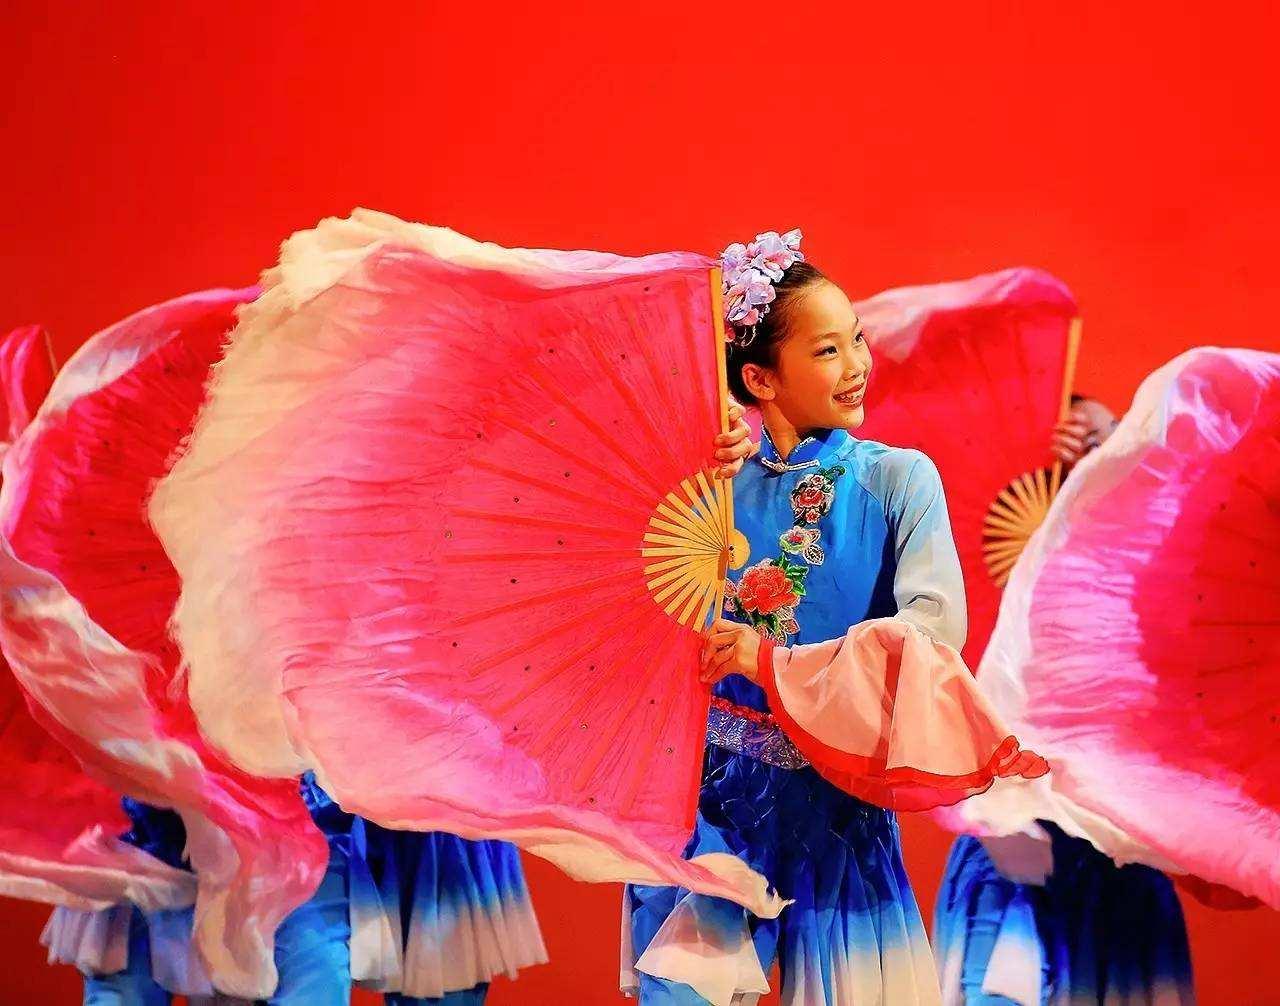 2018全球华人新春摄影大赛在纽约启动